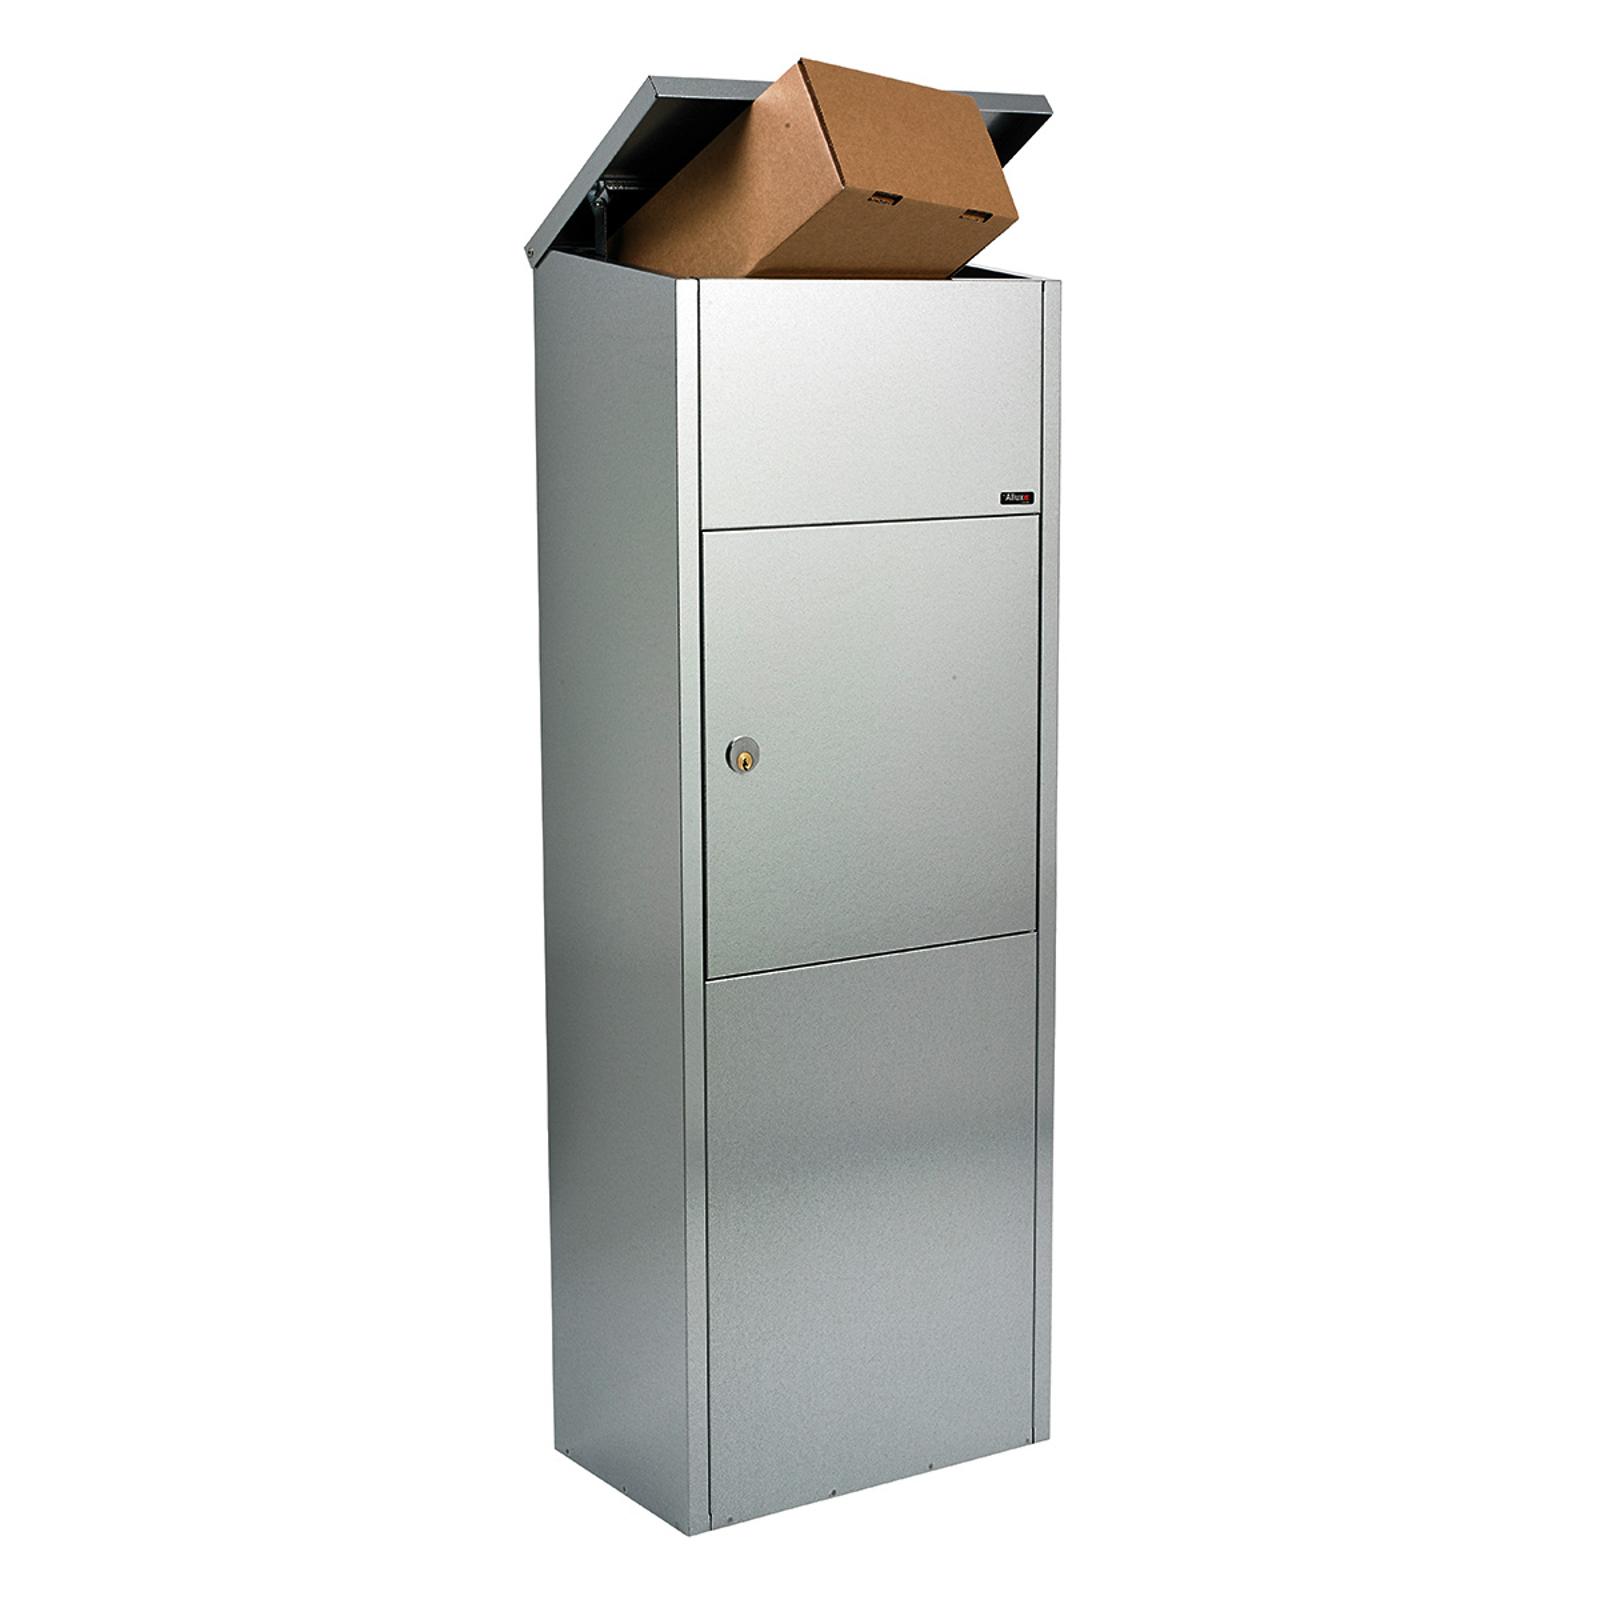 Brev-/paketpostlåda 600G med Rukolås